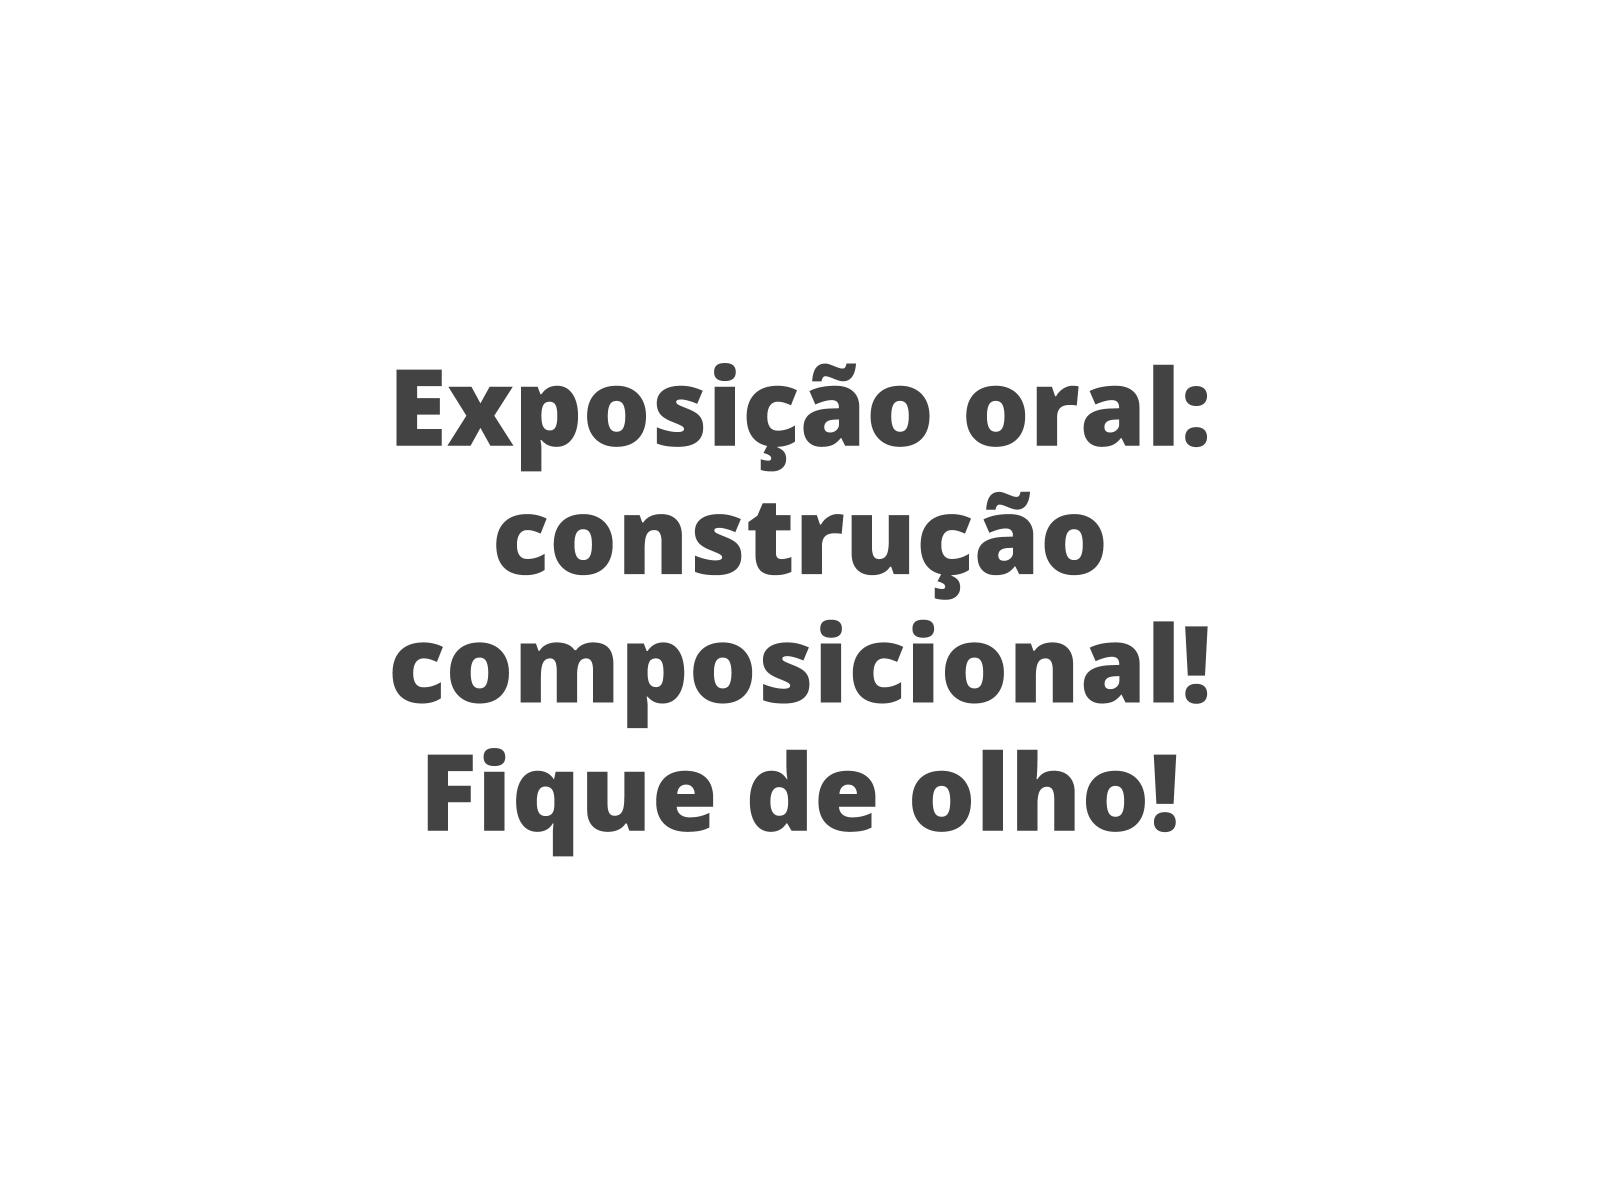 Exposição oral: construção composicional